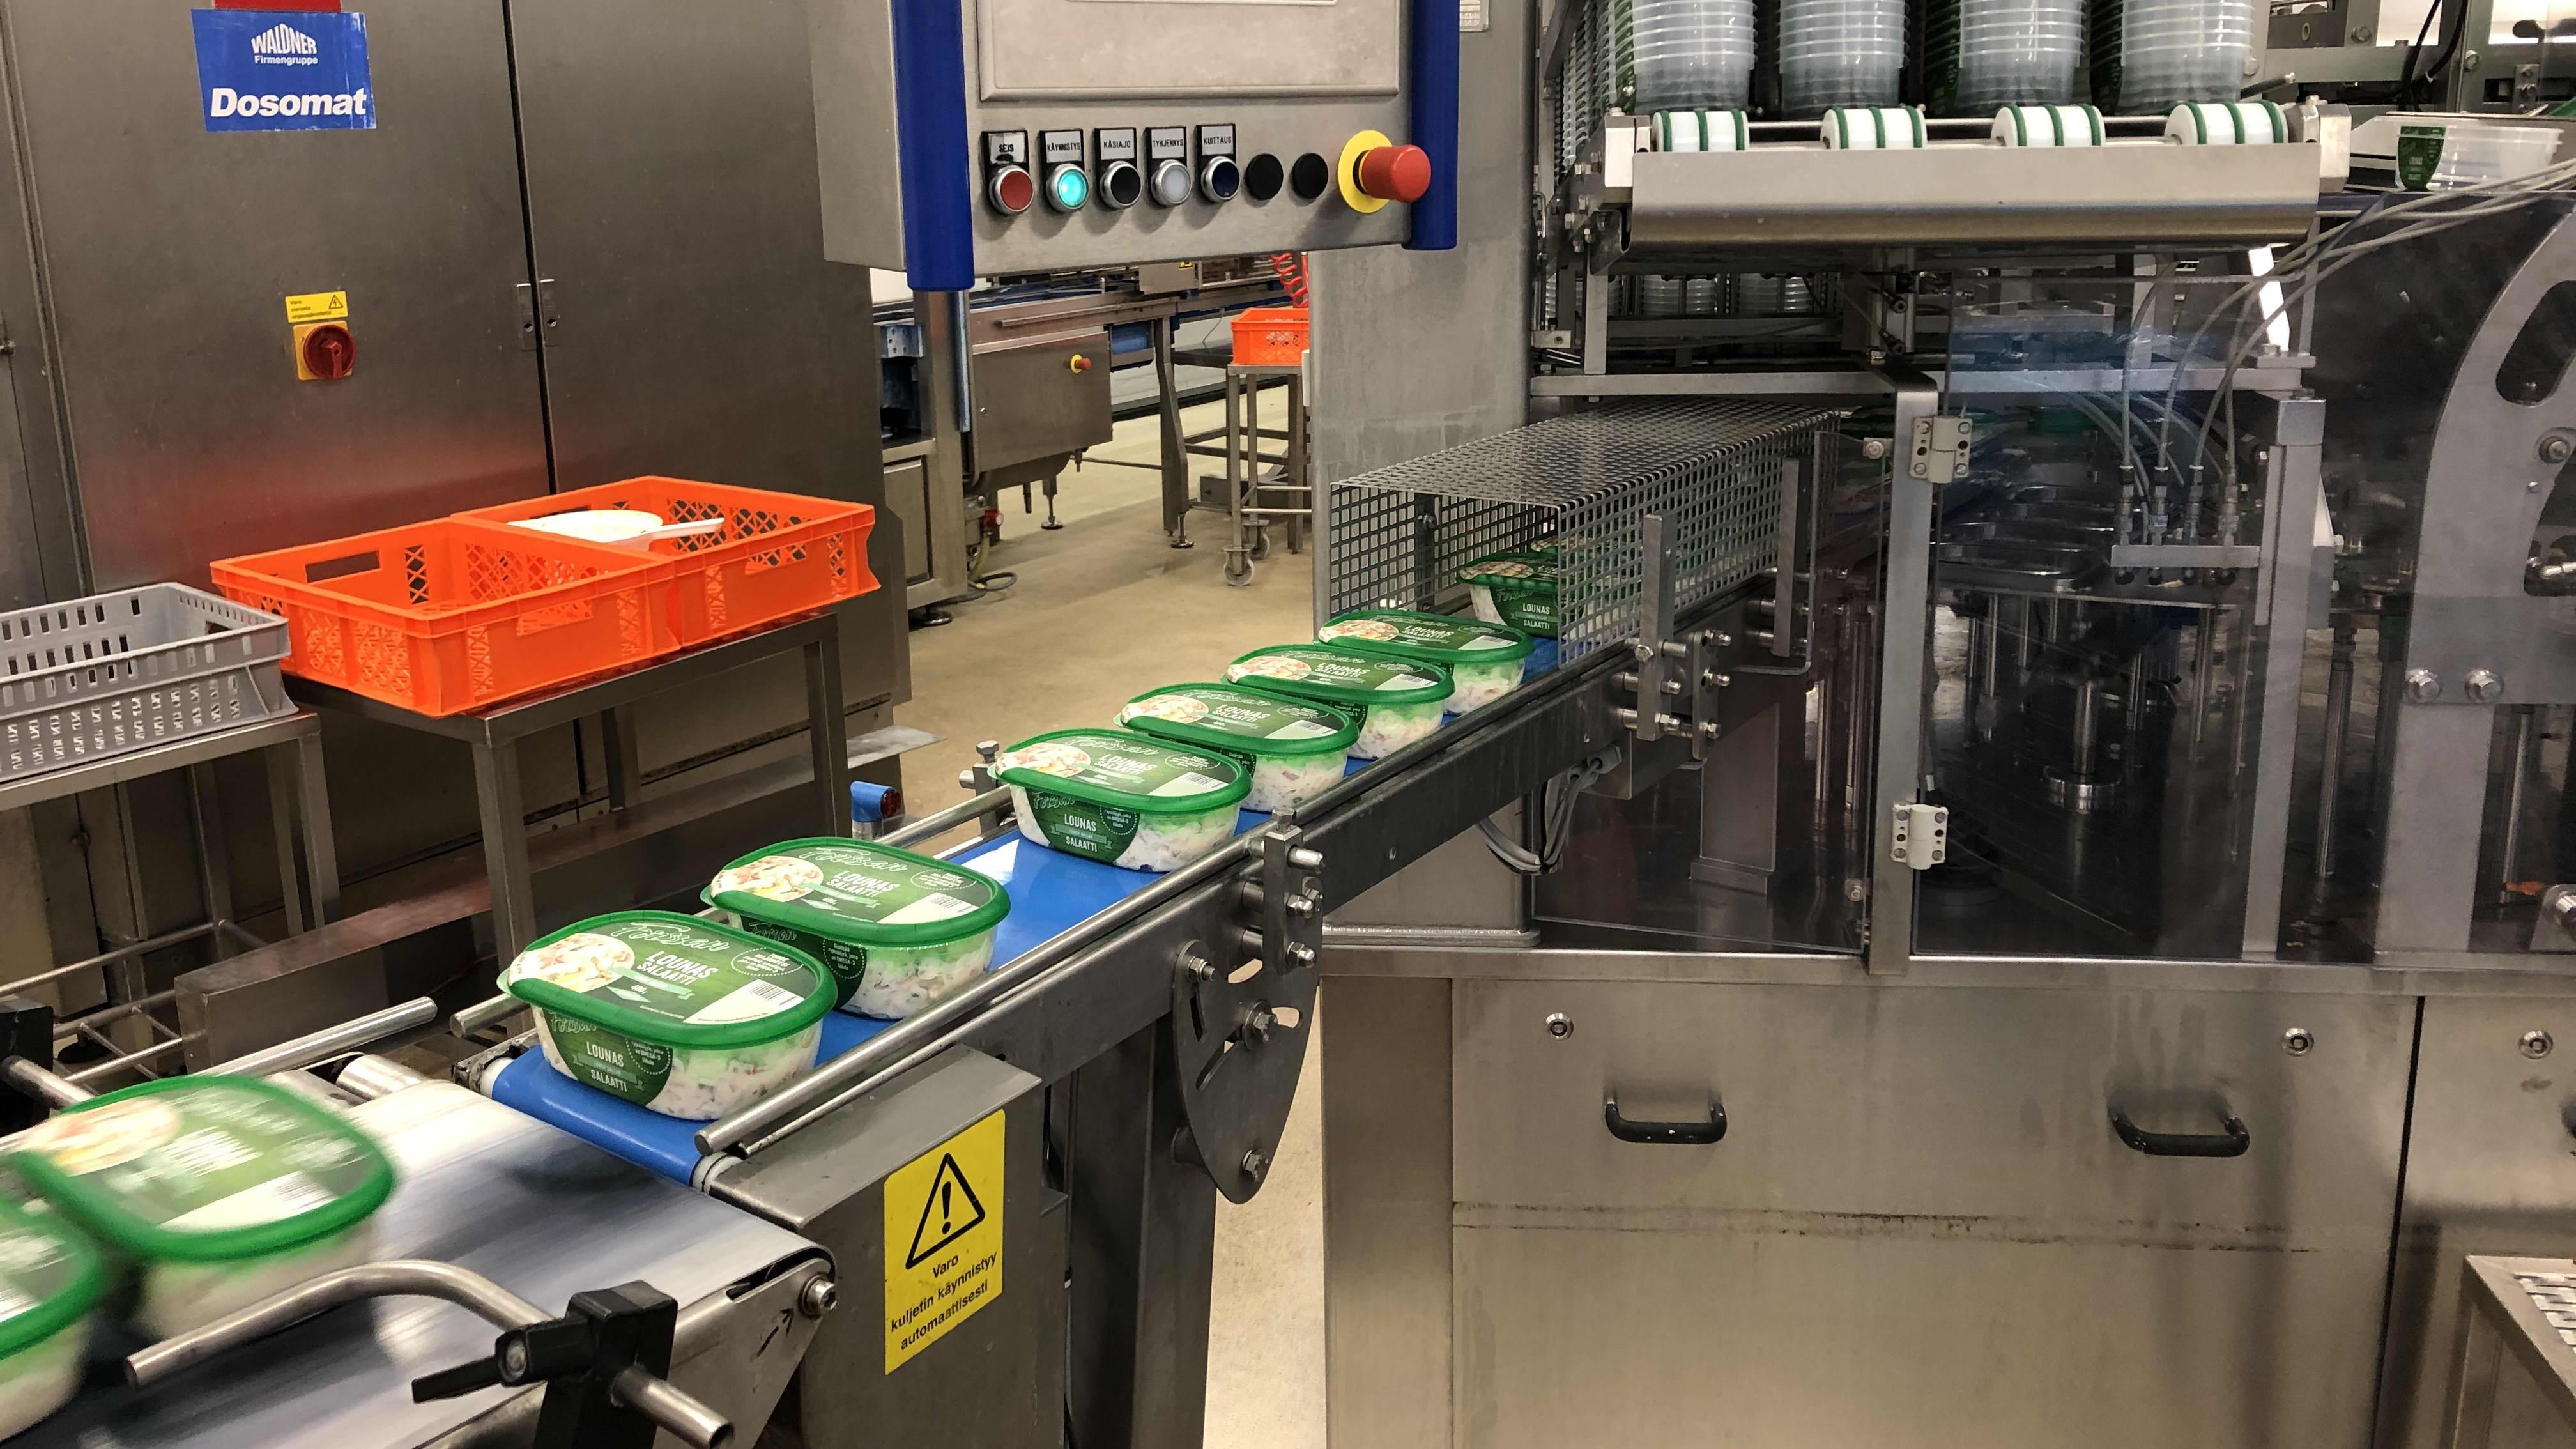 Valmisruokarasioita pakkauslinjastolla.